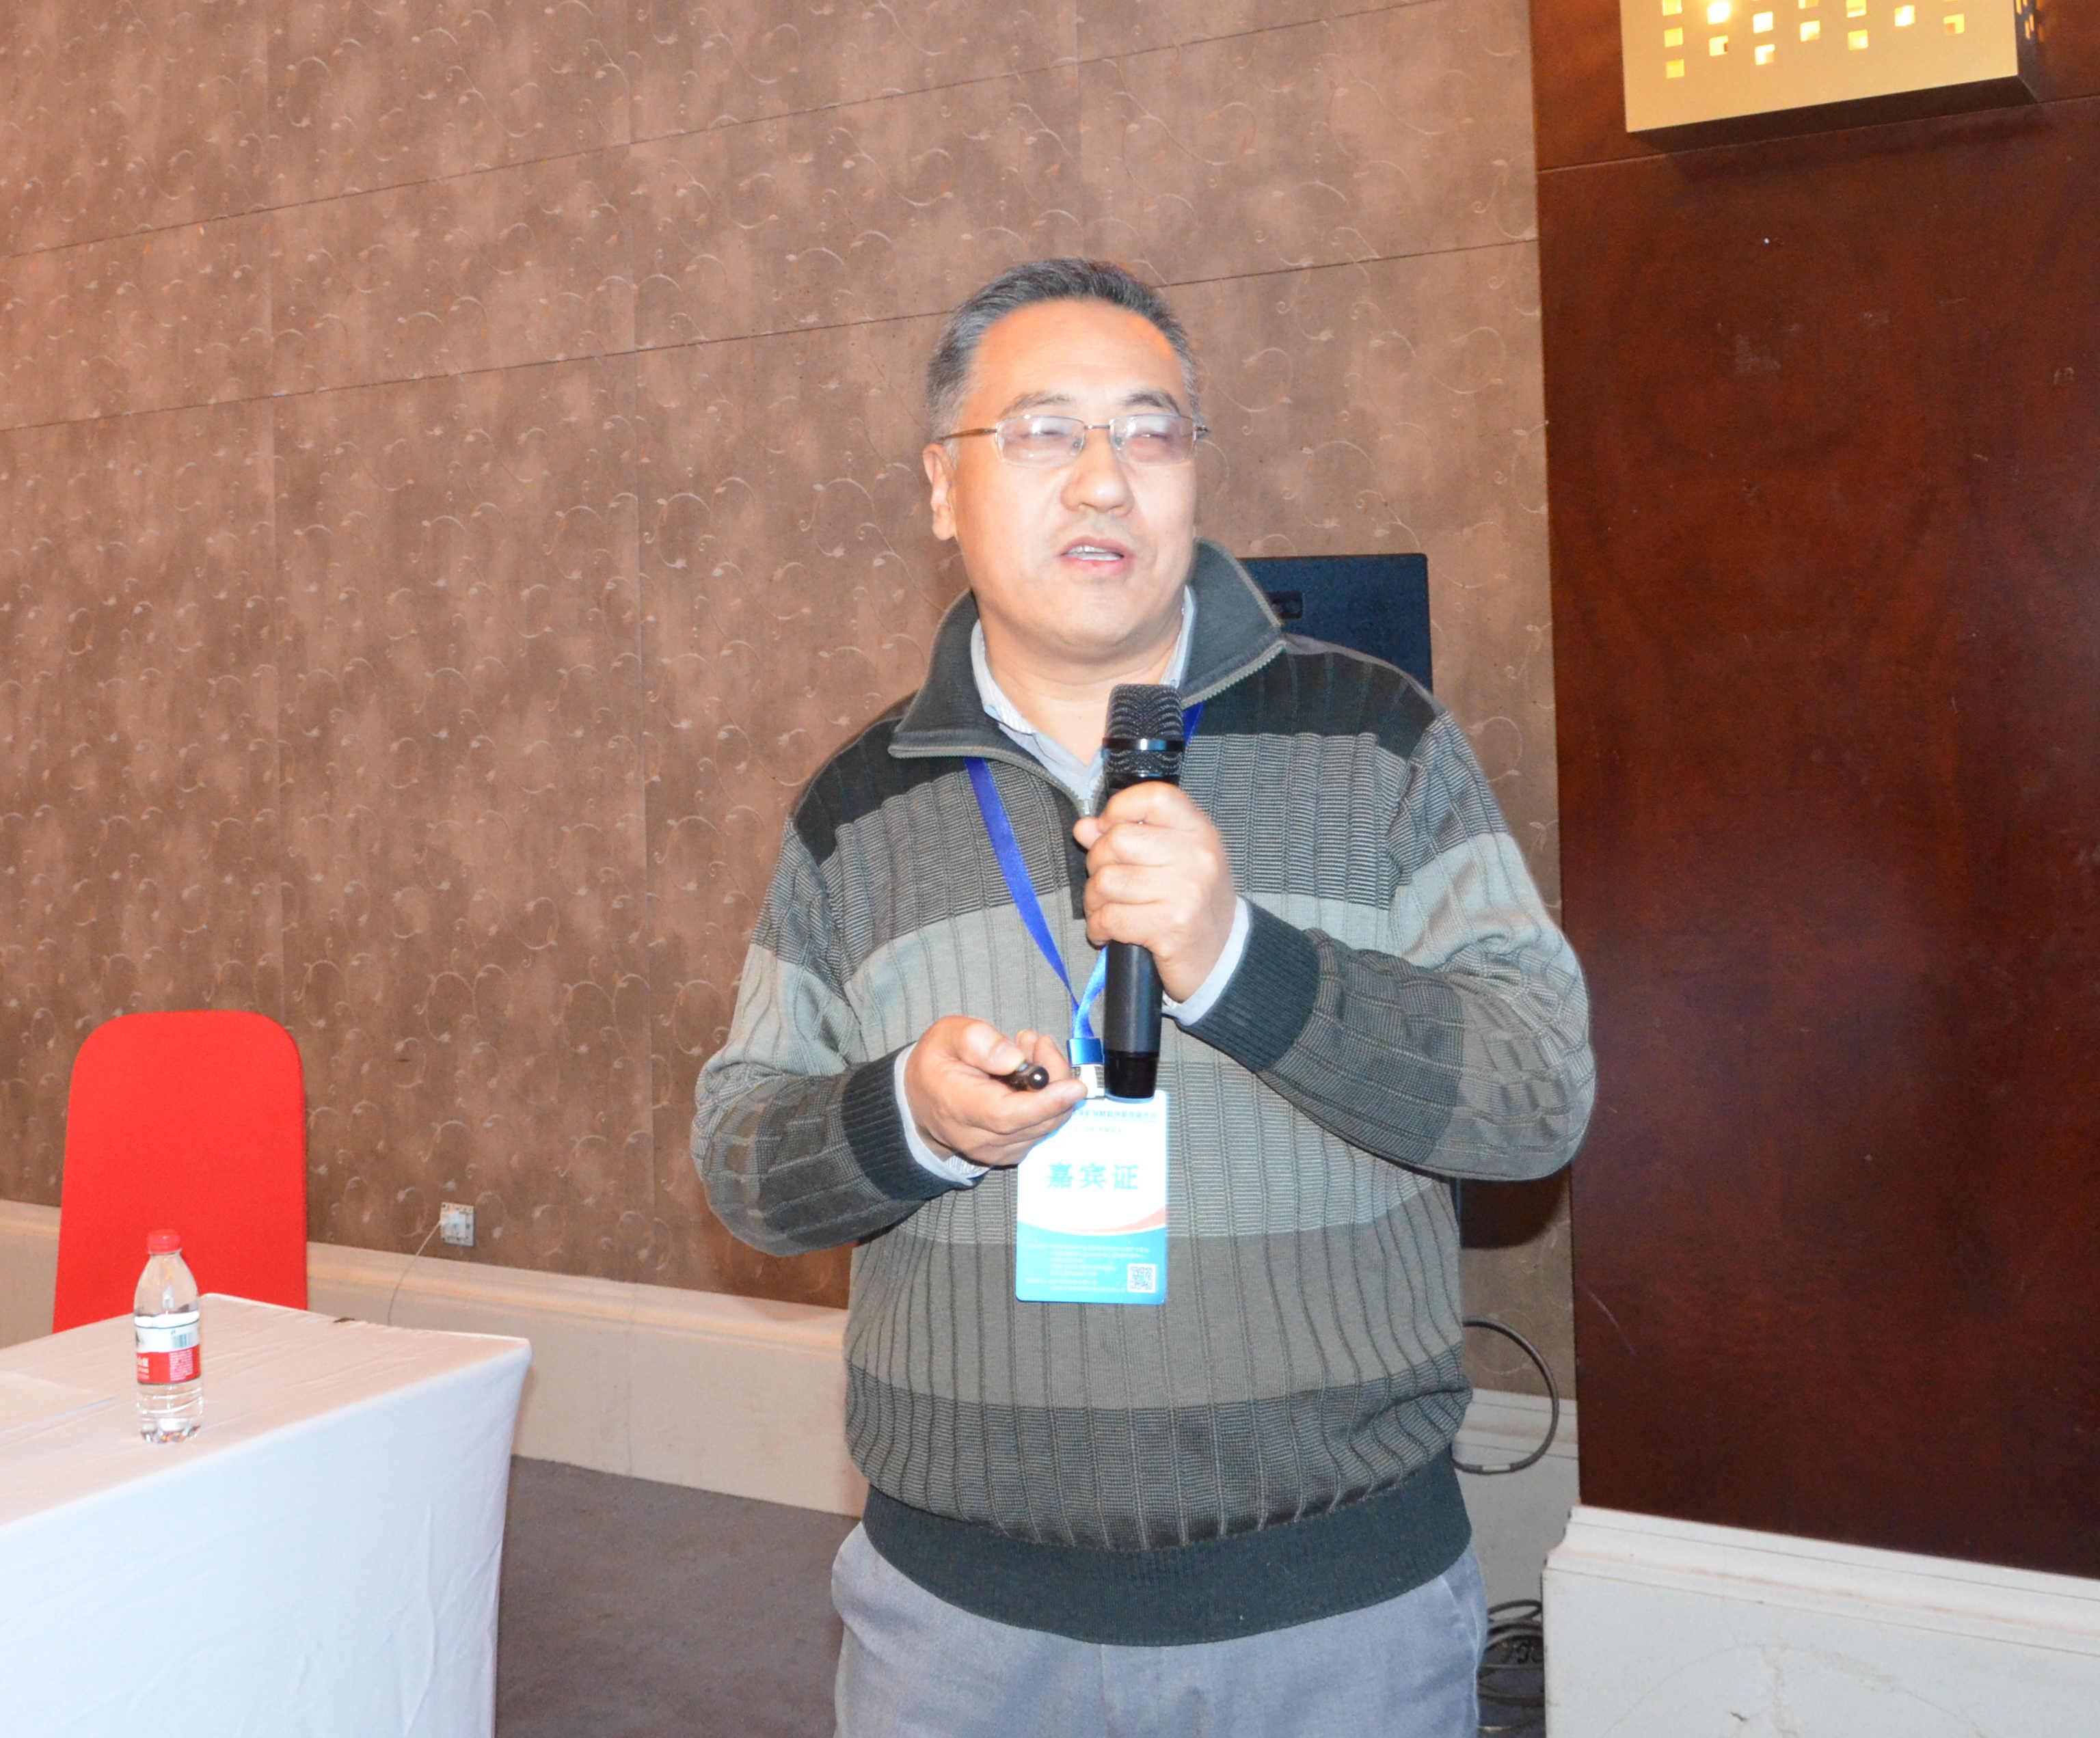 北京化工大学教授毋伟作《氧化石墨烯/高岭土纳米二维复合材料制备及其在环保上应用》专题报告